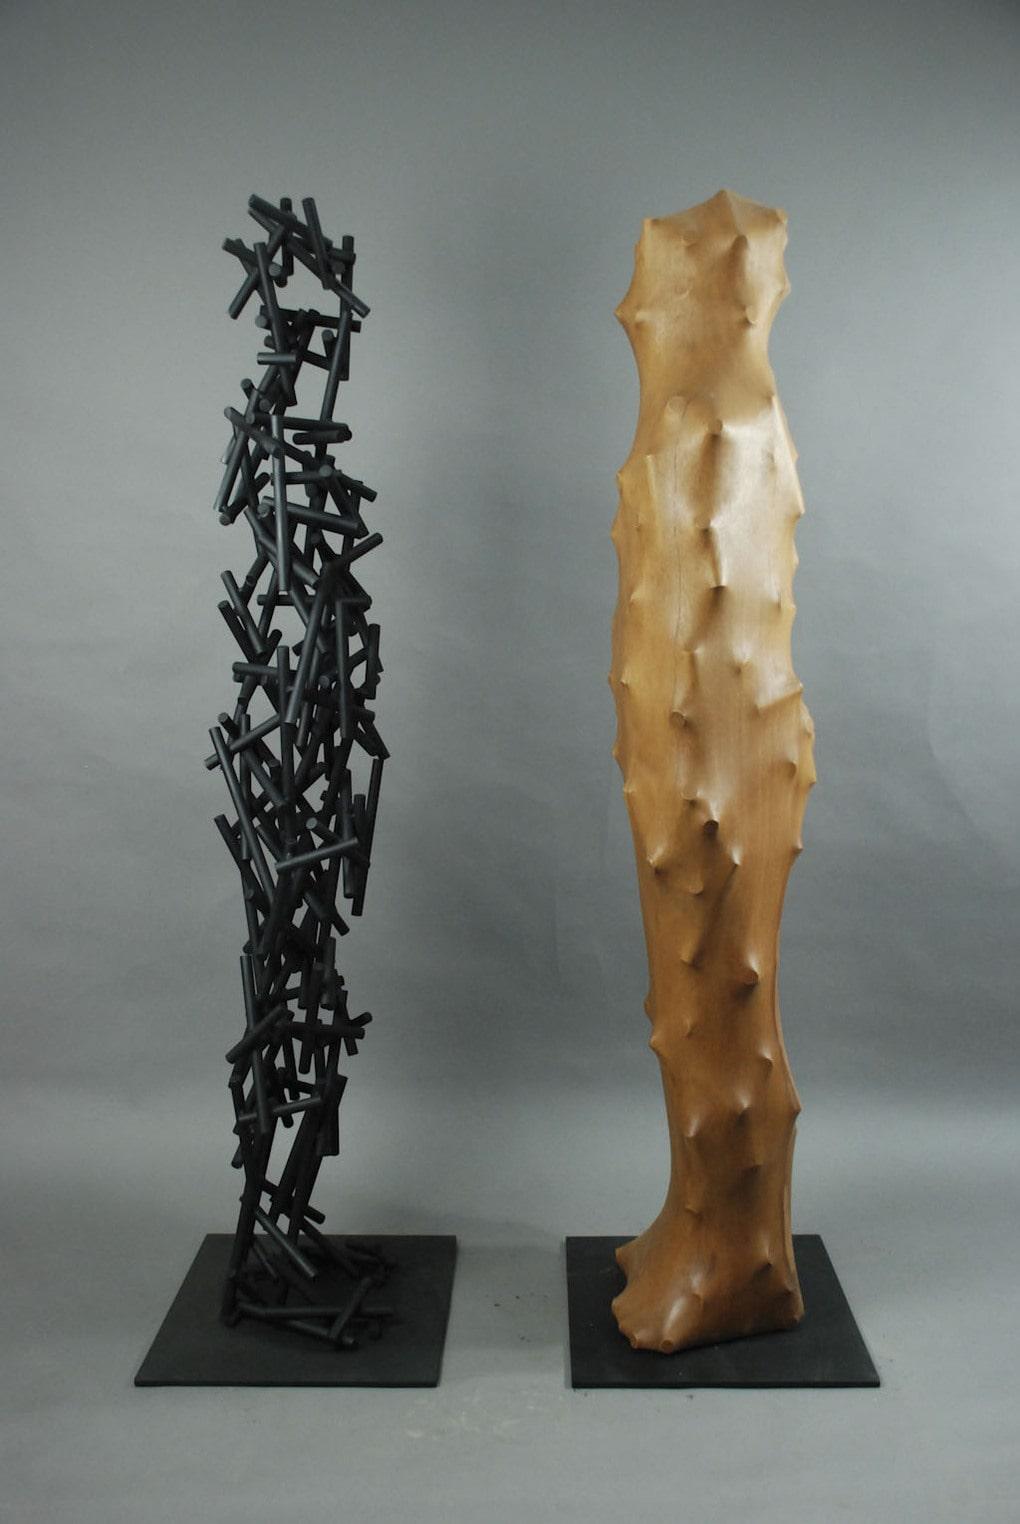 dsc 0696 1 - Тайваньский художник создаёт пугающие скульптуры из дерева, в которых как будто застряли люди